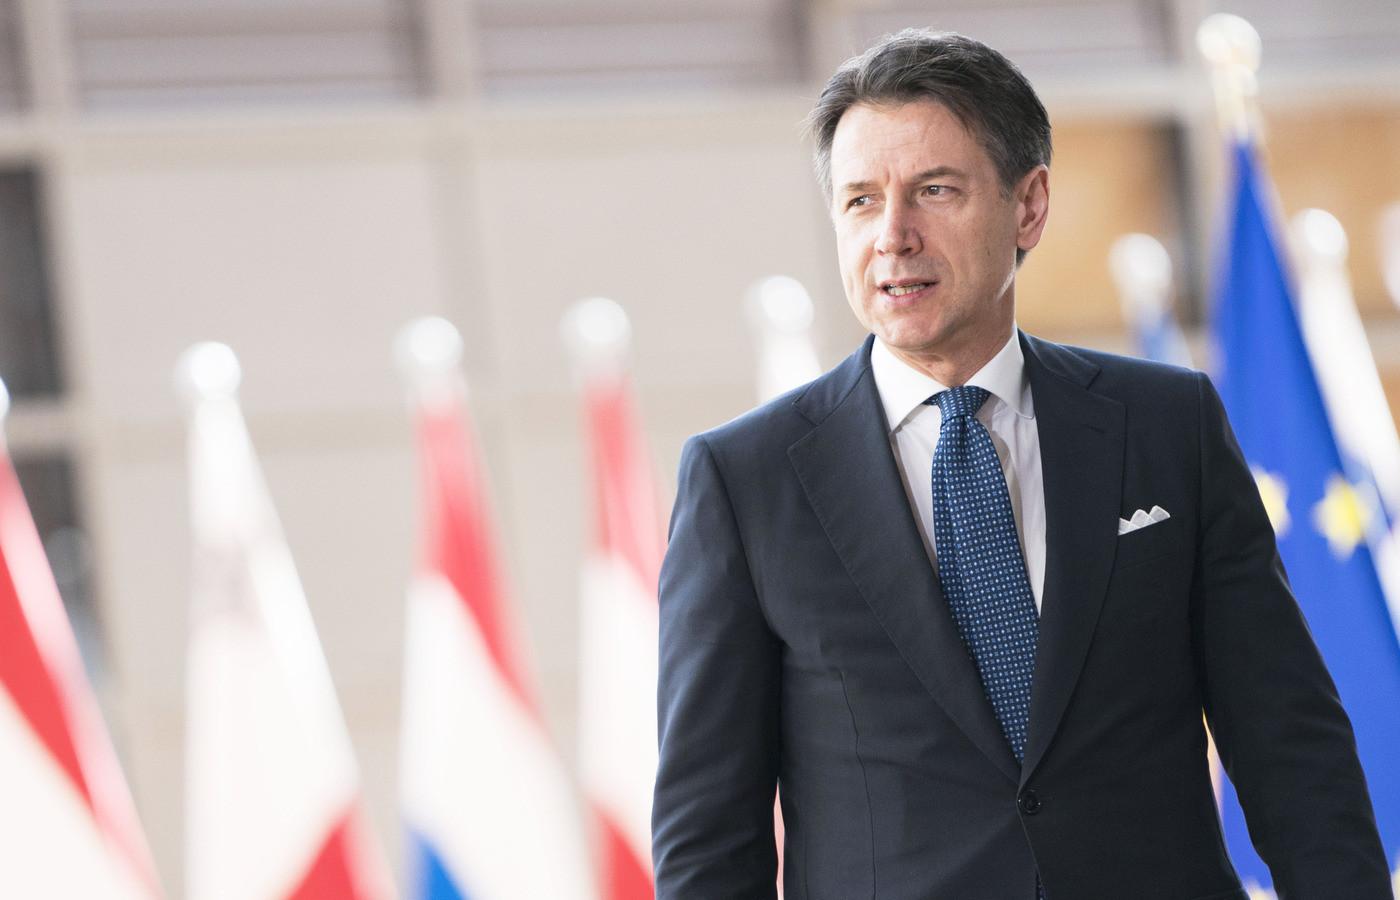 Ue, fumata nera sulle nomine: non c'è l'accordo al Consiglio europeo